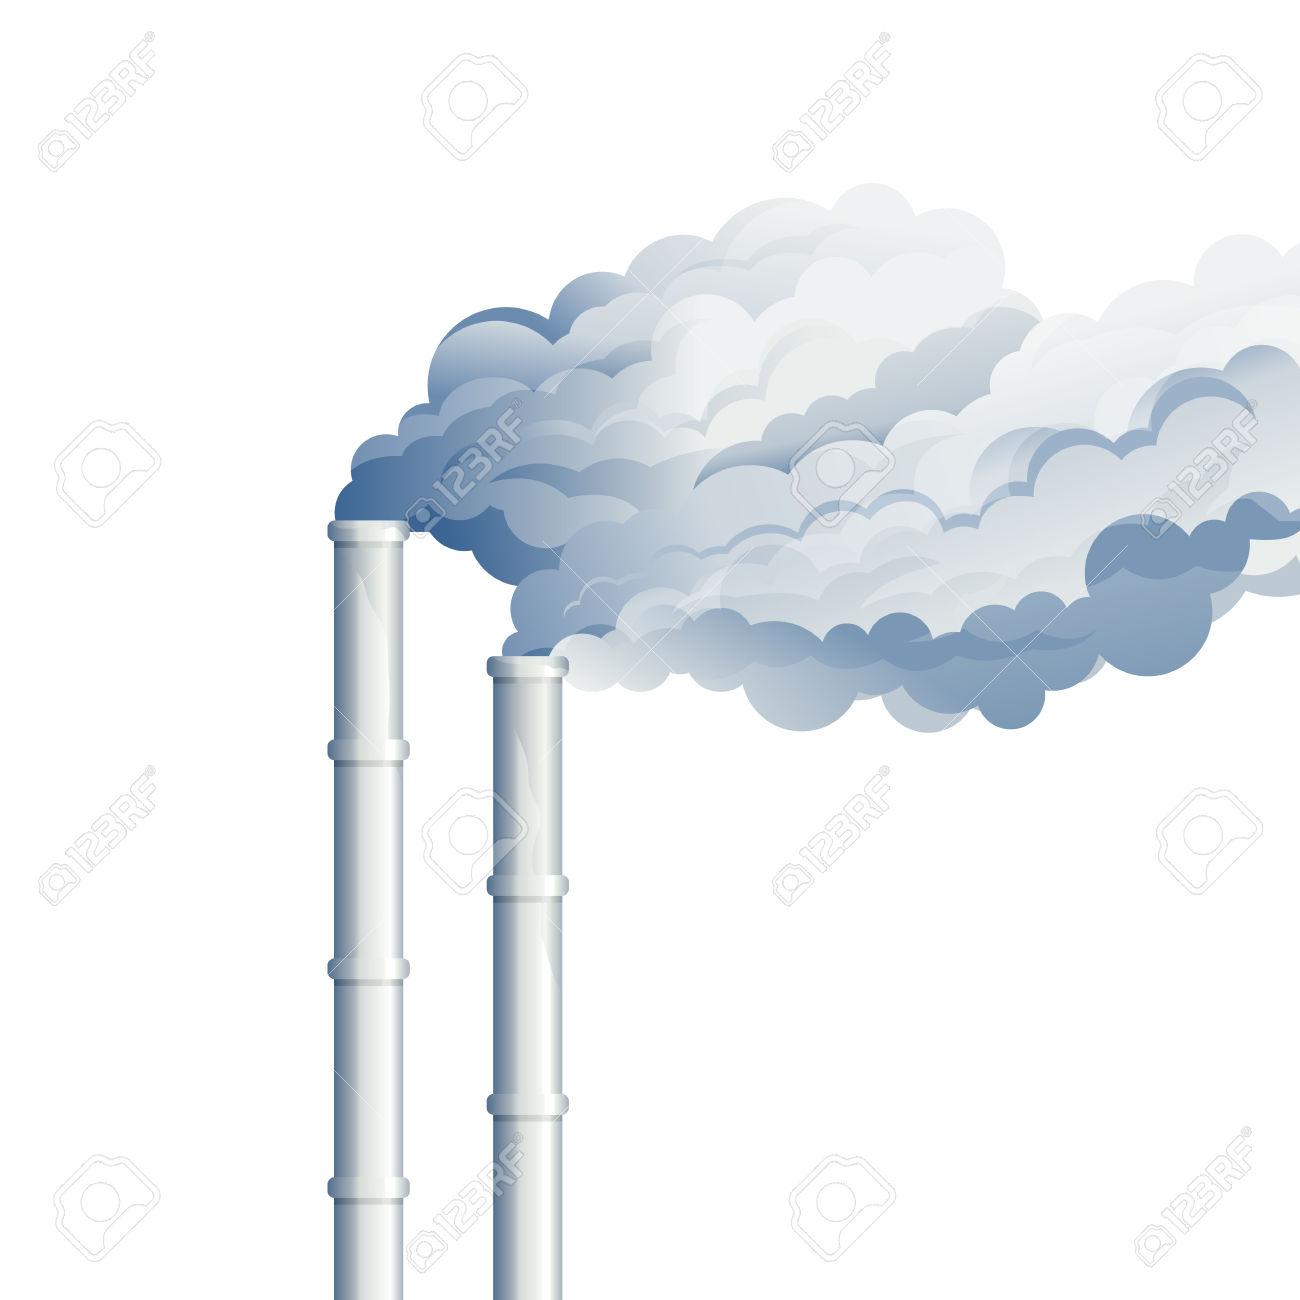 Industrieller Kamin Rauch, Umweltverschmutzung, Industrie Rauch.